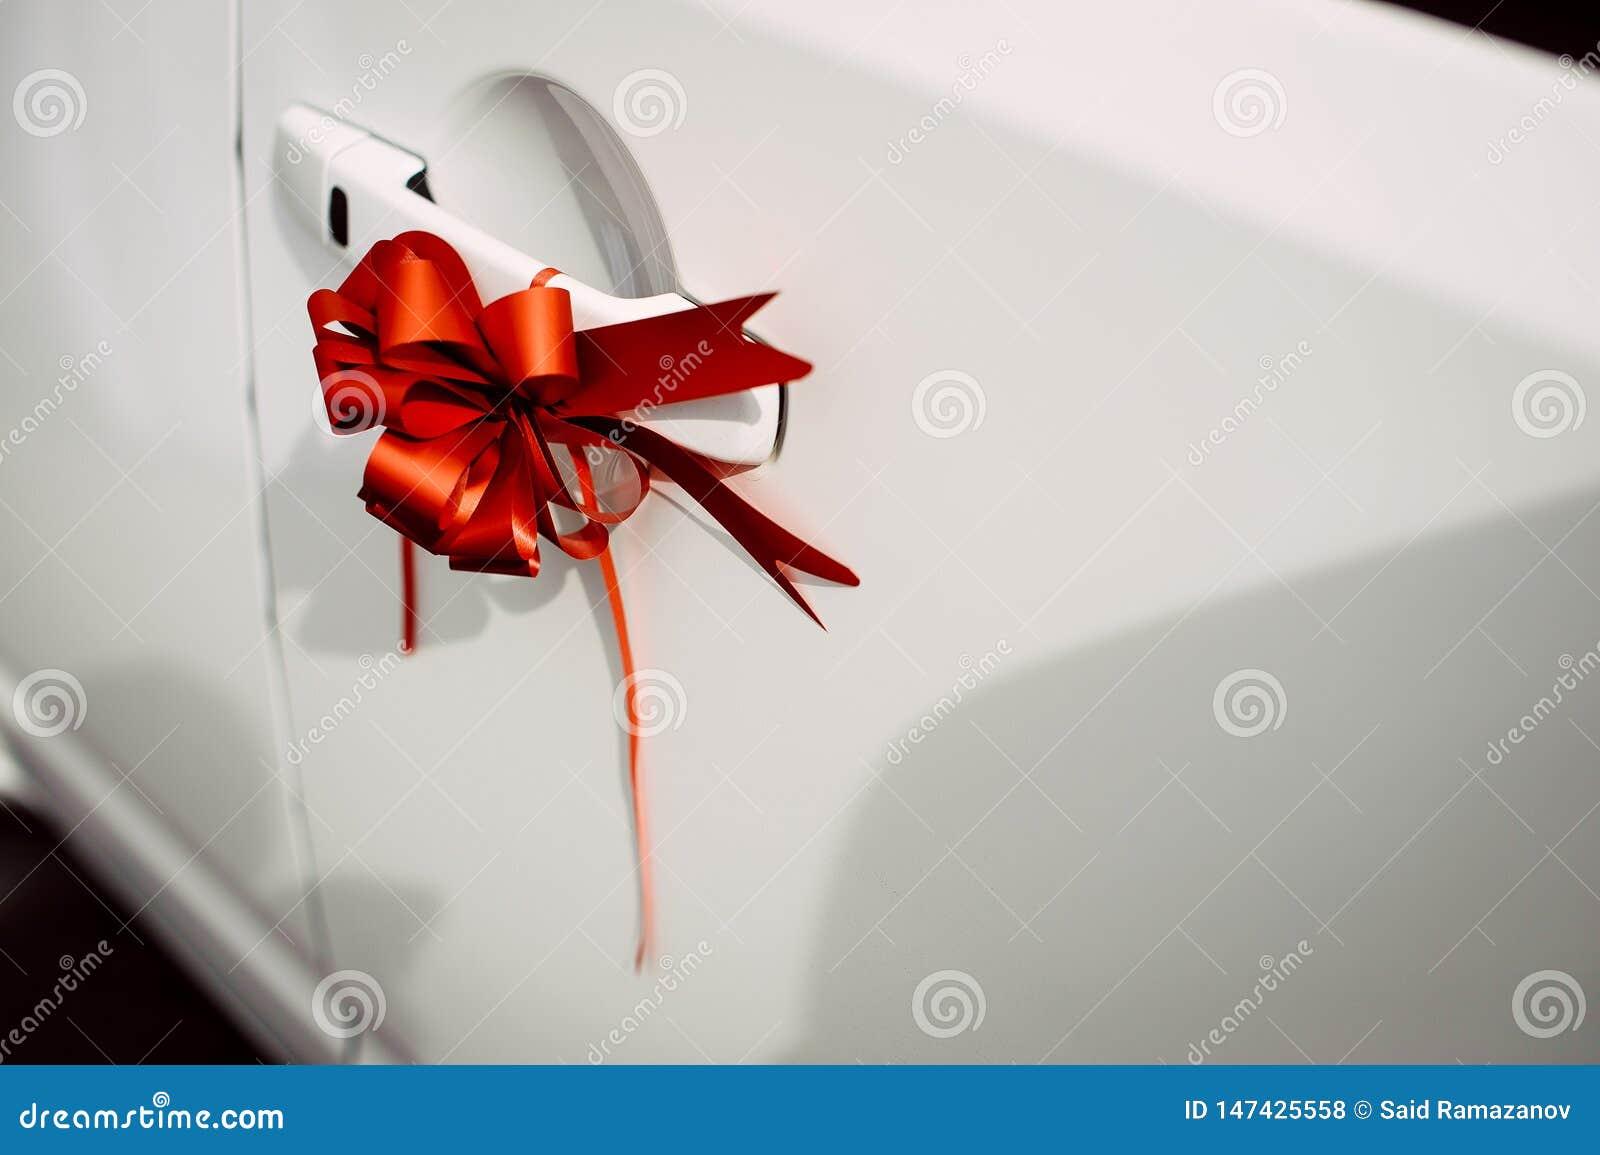 Rode lintboog op het deurhandvat van een witte auto